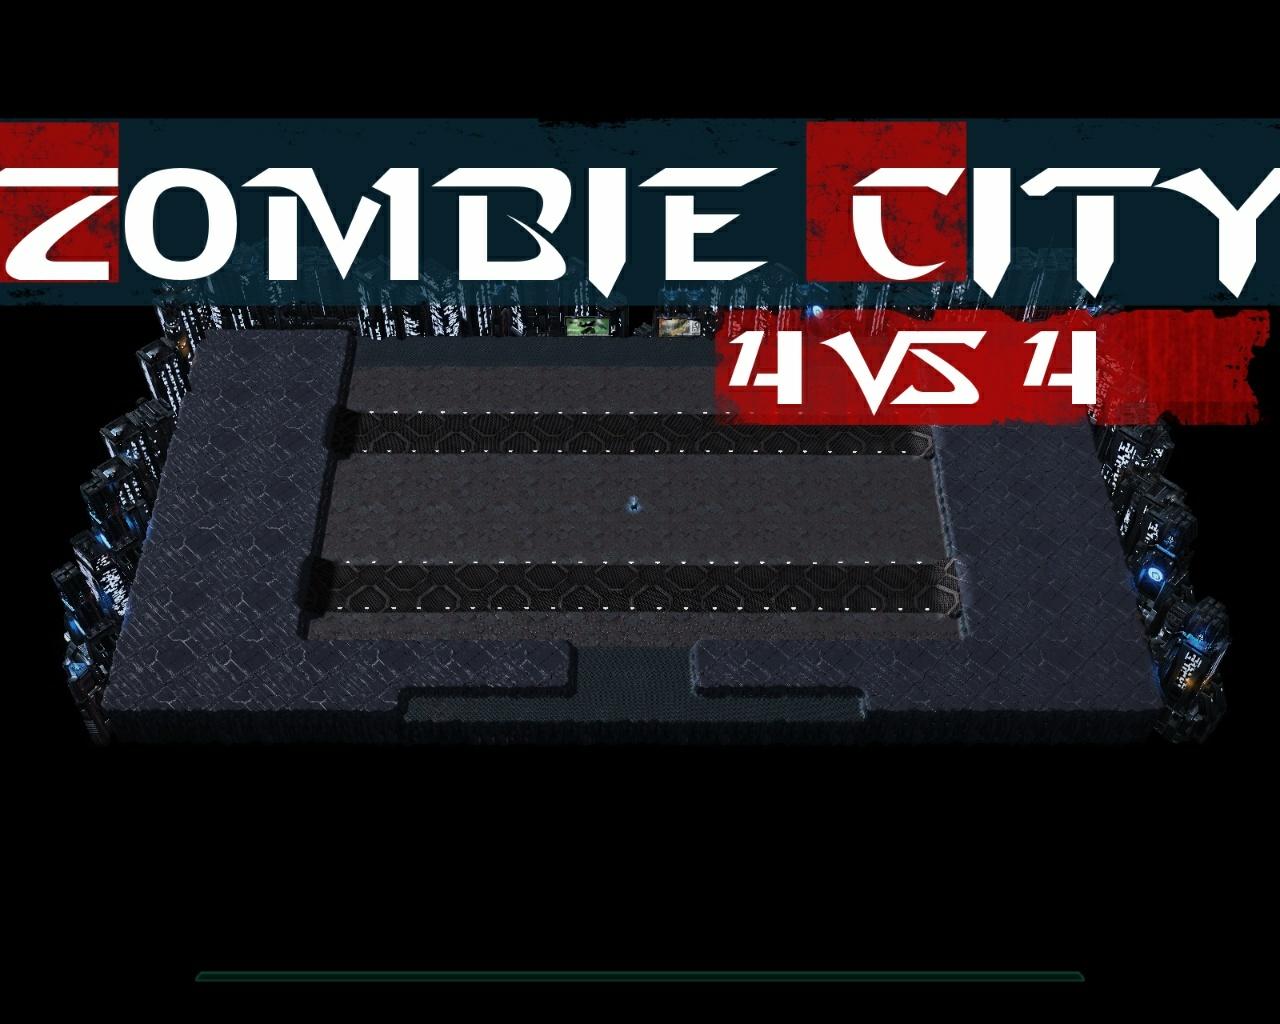 Zombie City 4 vs 4